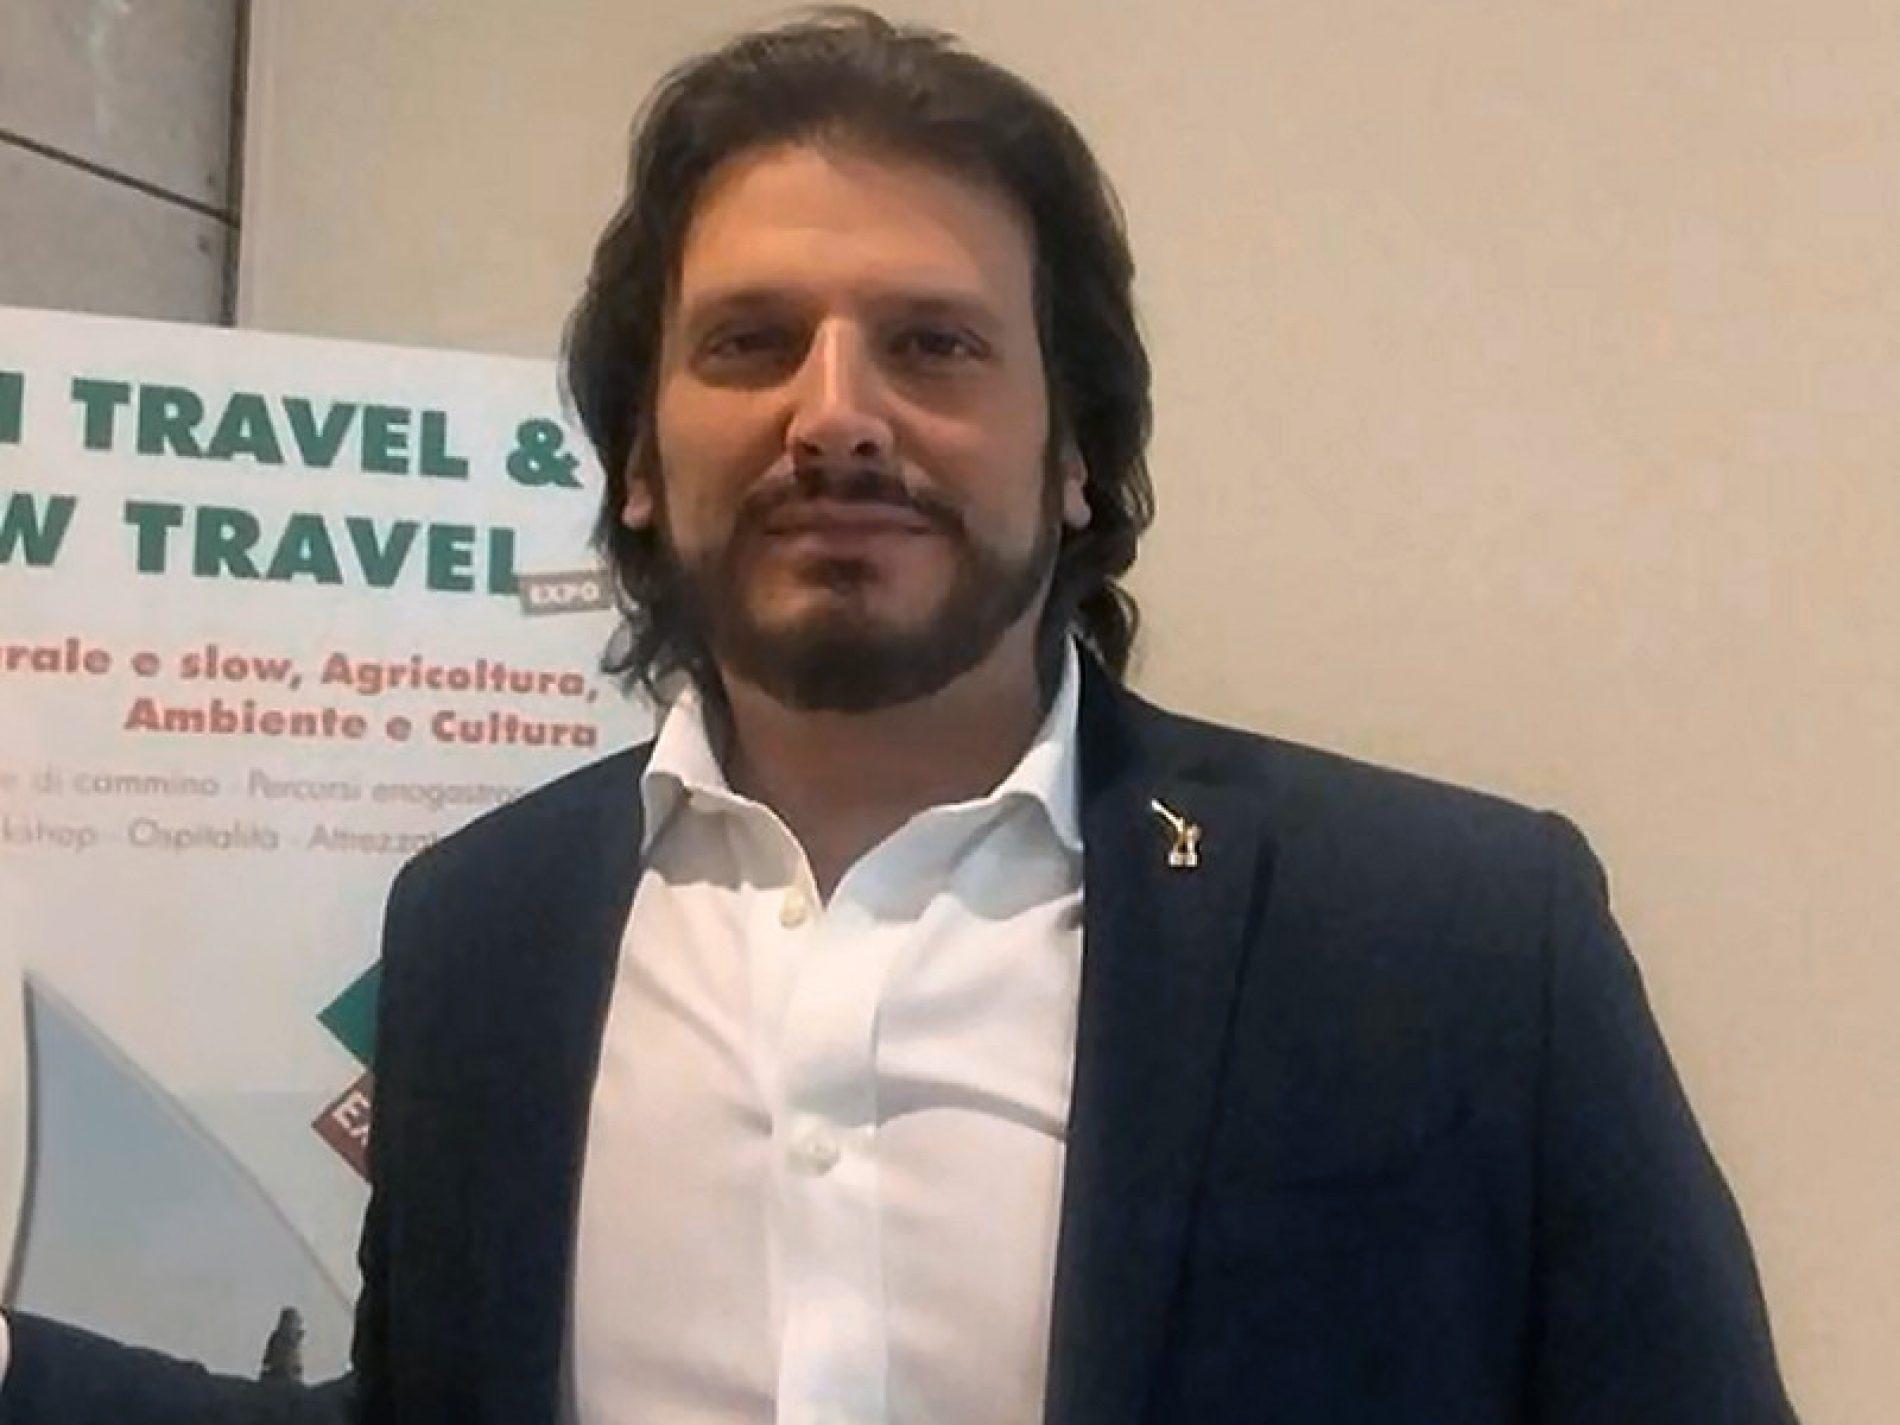 Lega Calabria nella bufera:Ecco i primi sottoscrittori del documento di sfiducia a Cristian Invernizzi.